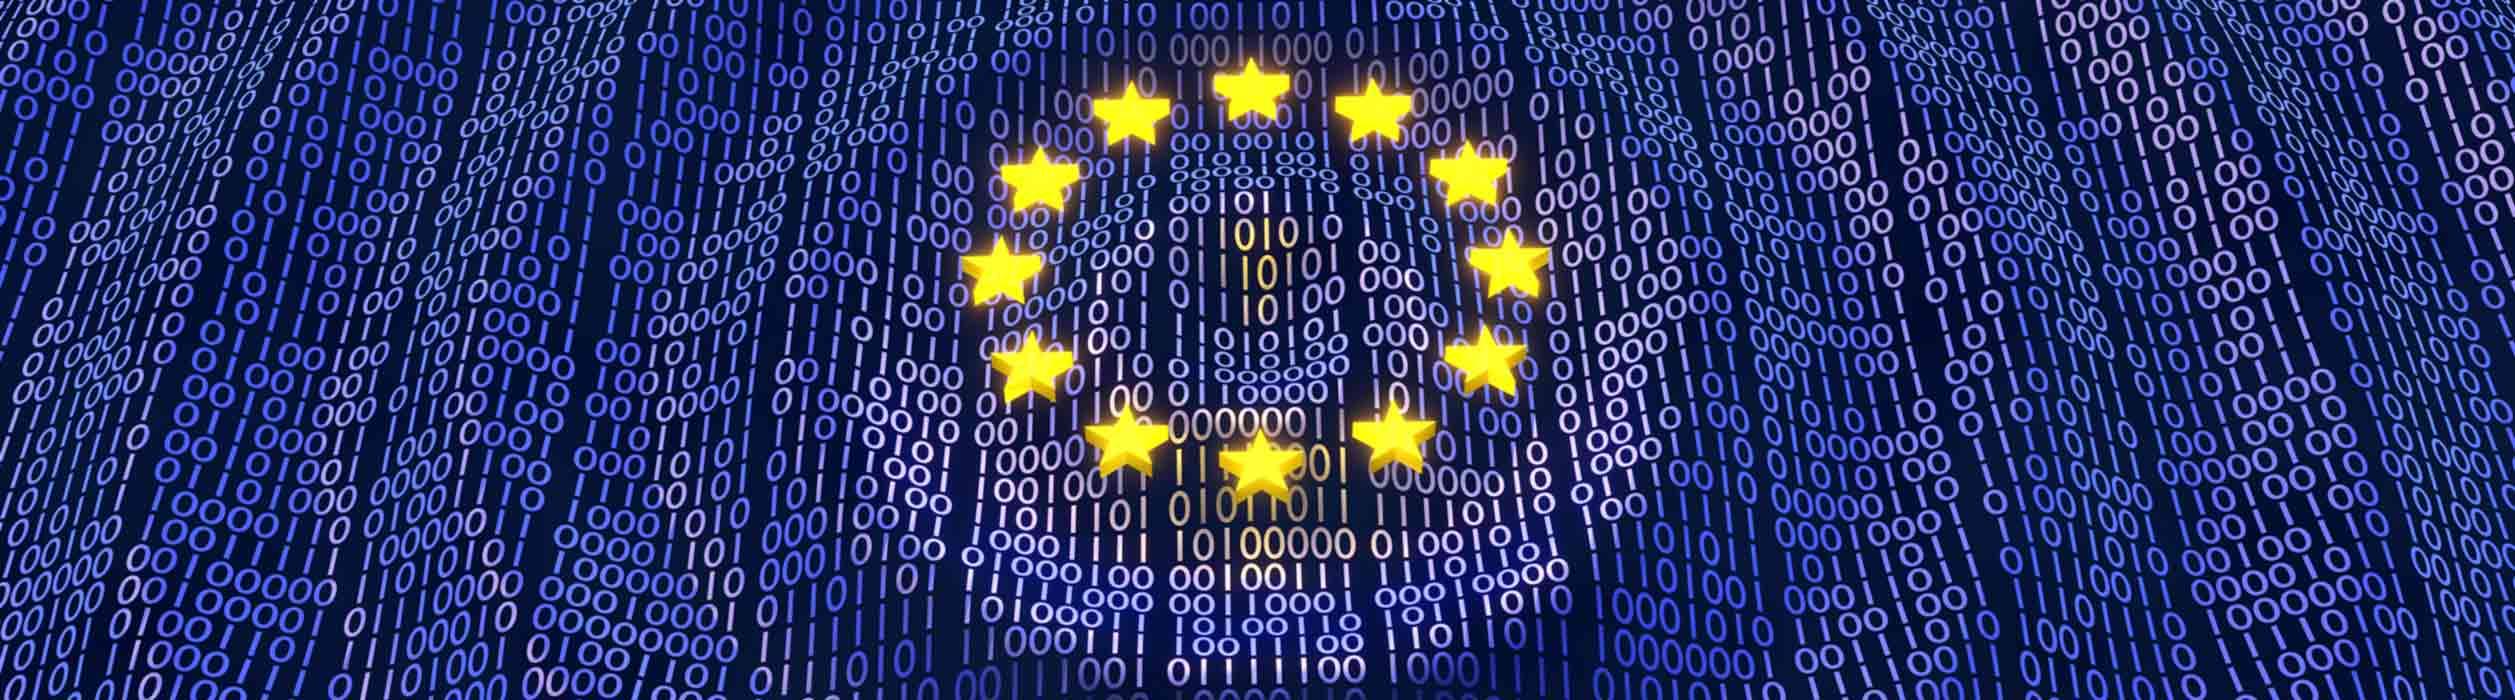 Europafahne mit binärischem Code für den Saloodo Blog Artikel zum Safer Internet Day mit Internet Sicherheits-Tipps für Transportunternehmen, Spediteure und Frachtführer.